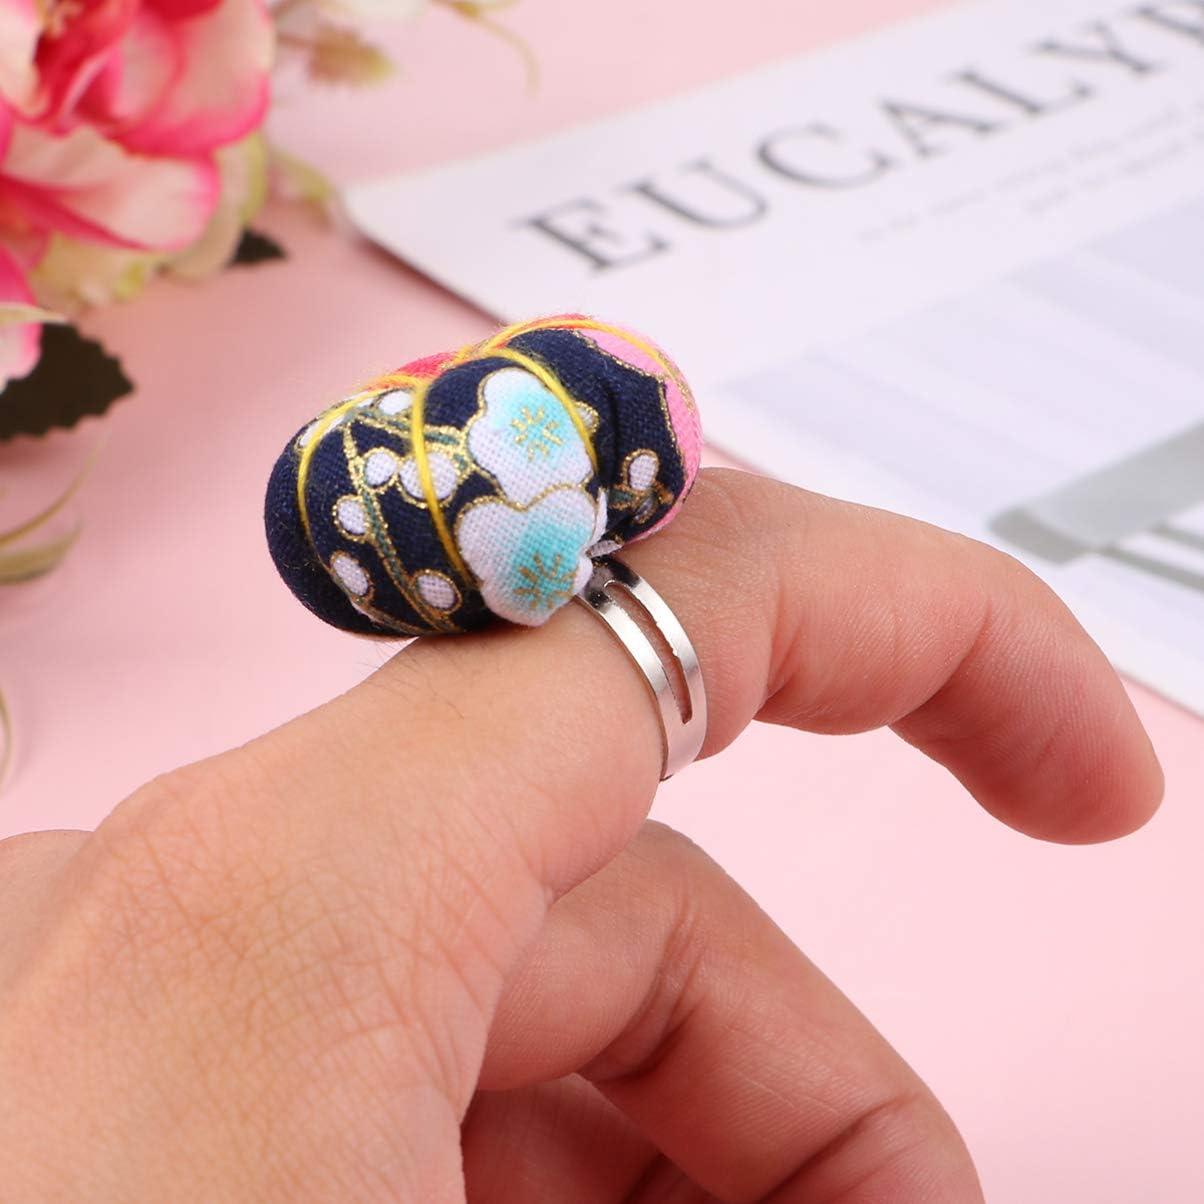 EXCEART 3-Teilige Ringnadelkissen Verstellbare Blumenquilterinnen Und Handwerker-Finger-Nadelkissen-Kreuzstich-N/ähzubeh/ör Zuf/ällige Farbe